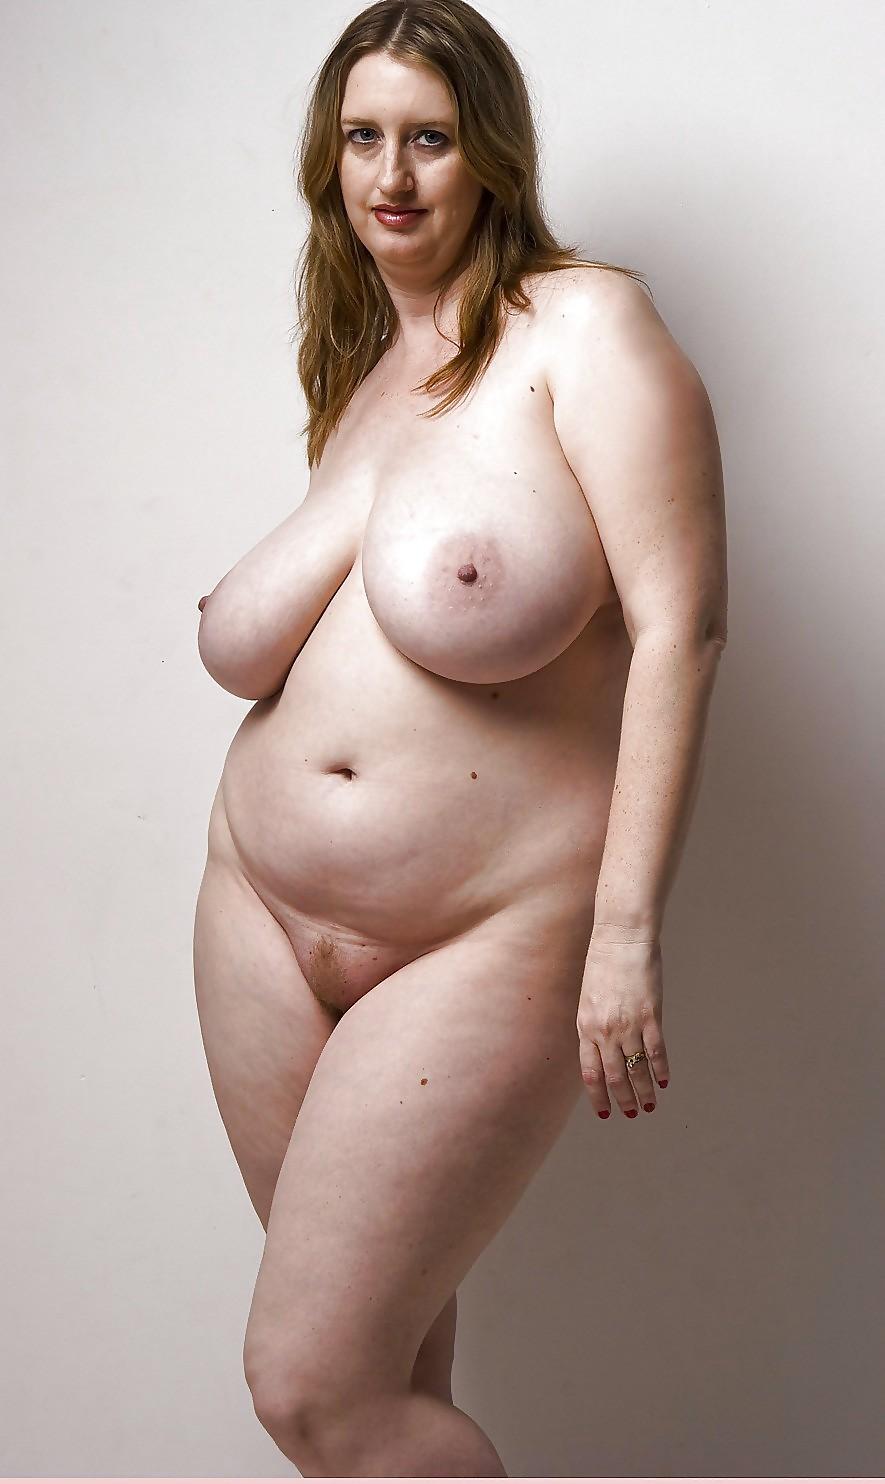 sexy girl peeing nude